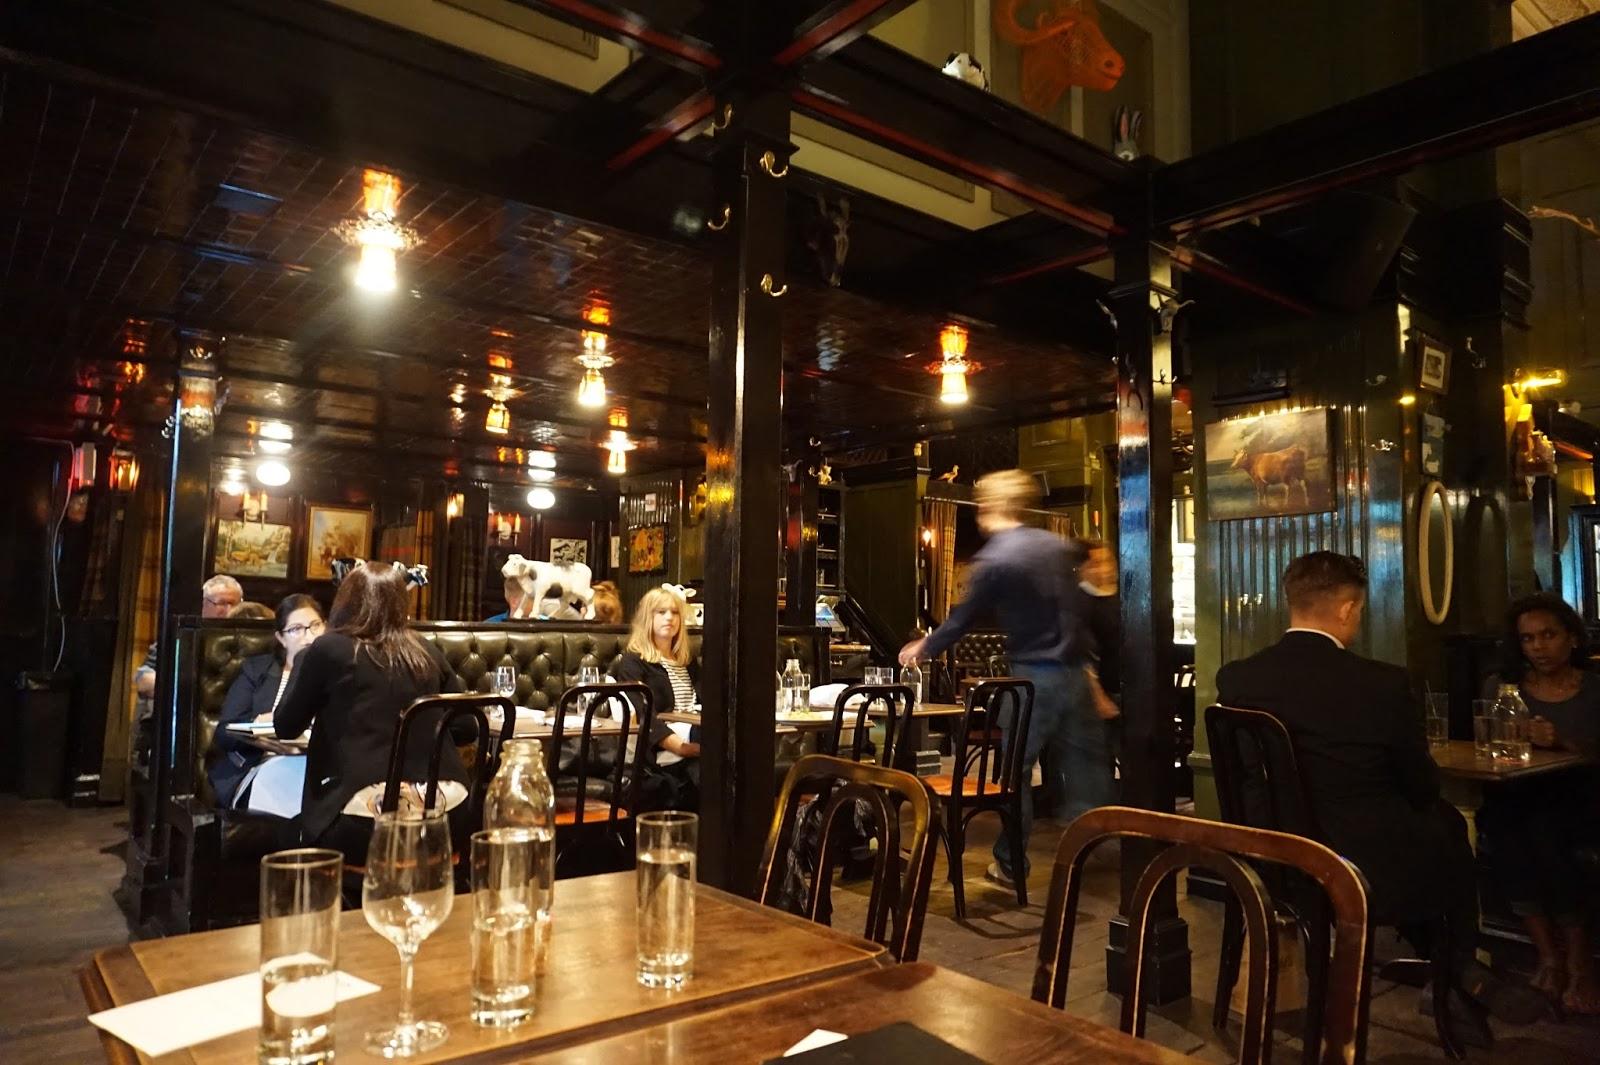 breslin restaurant nyc